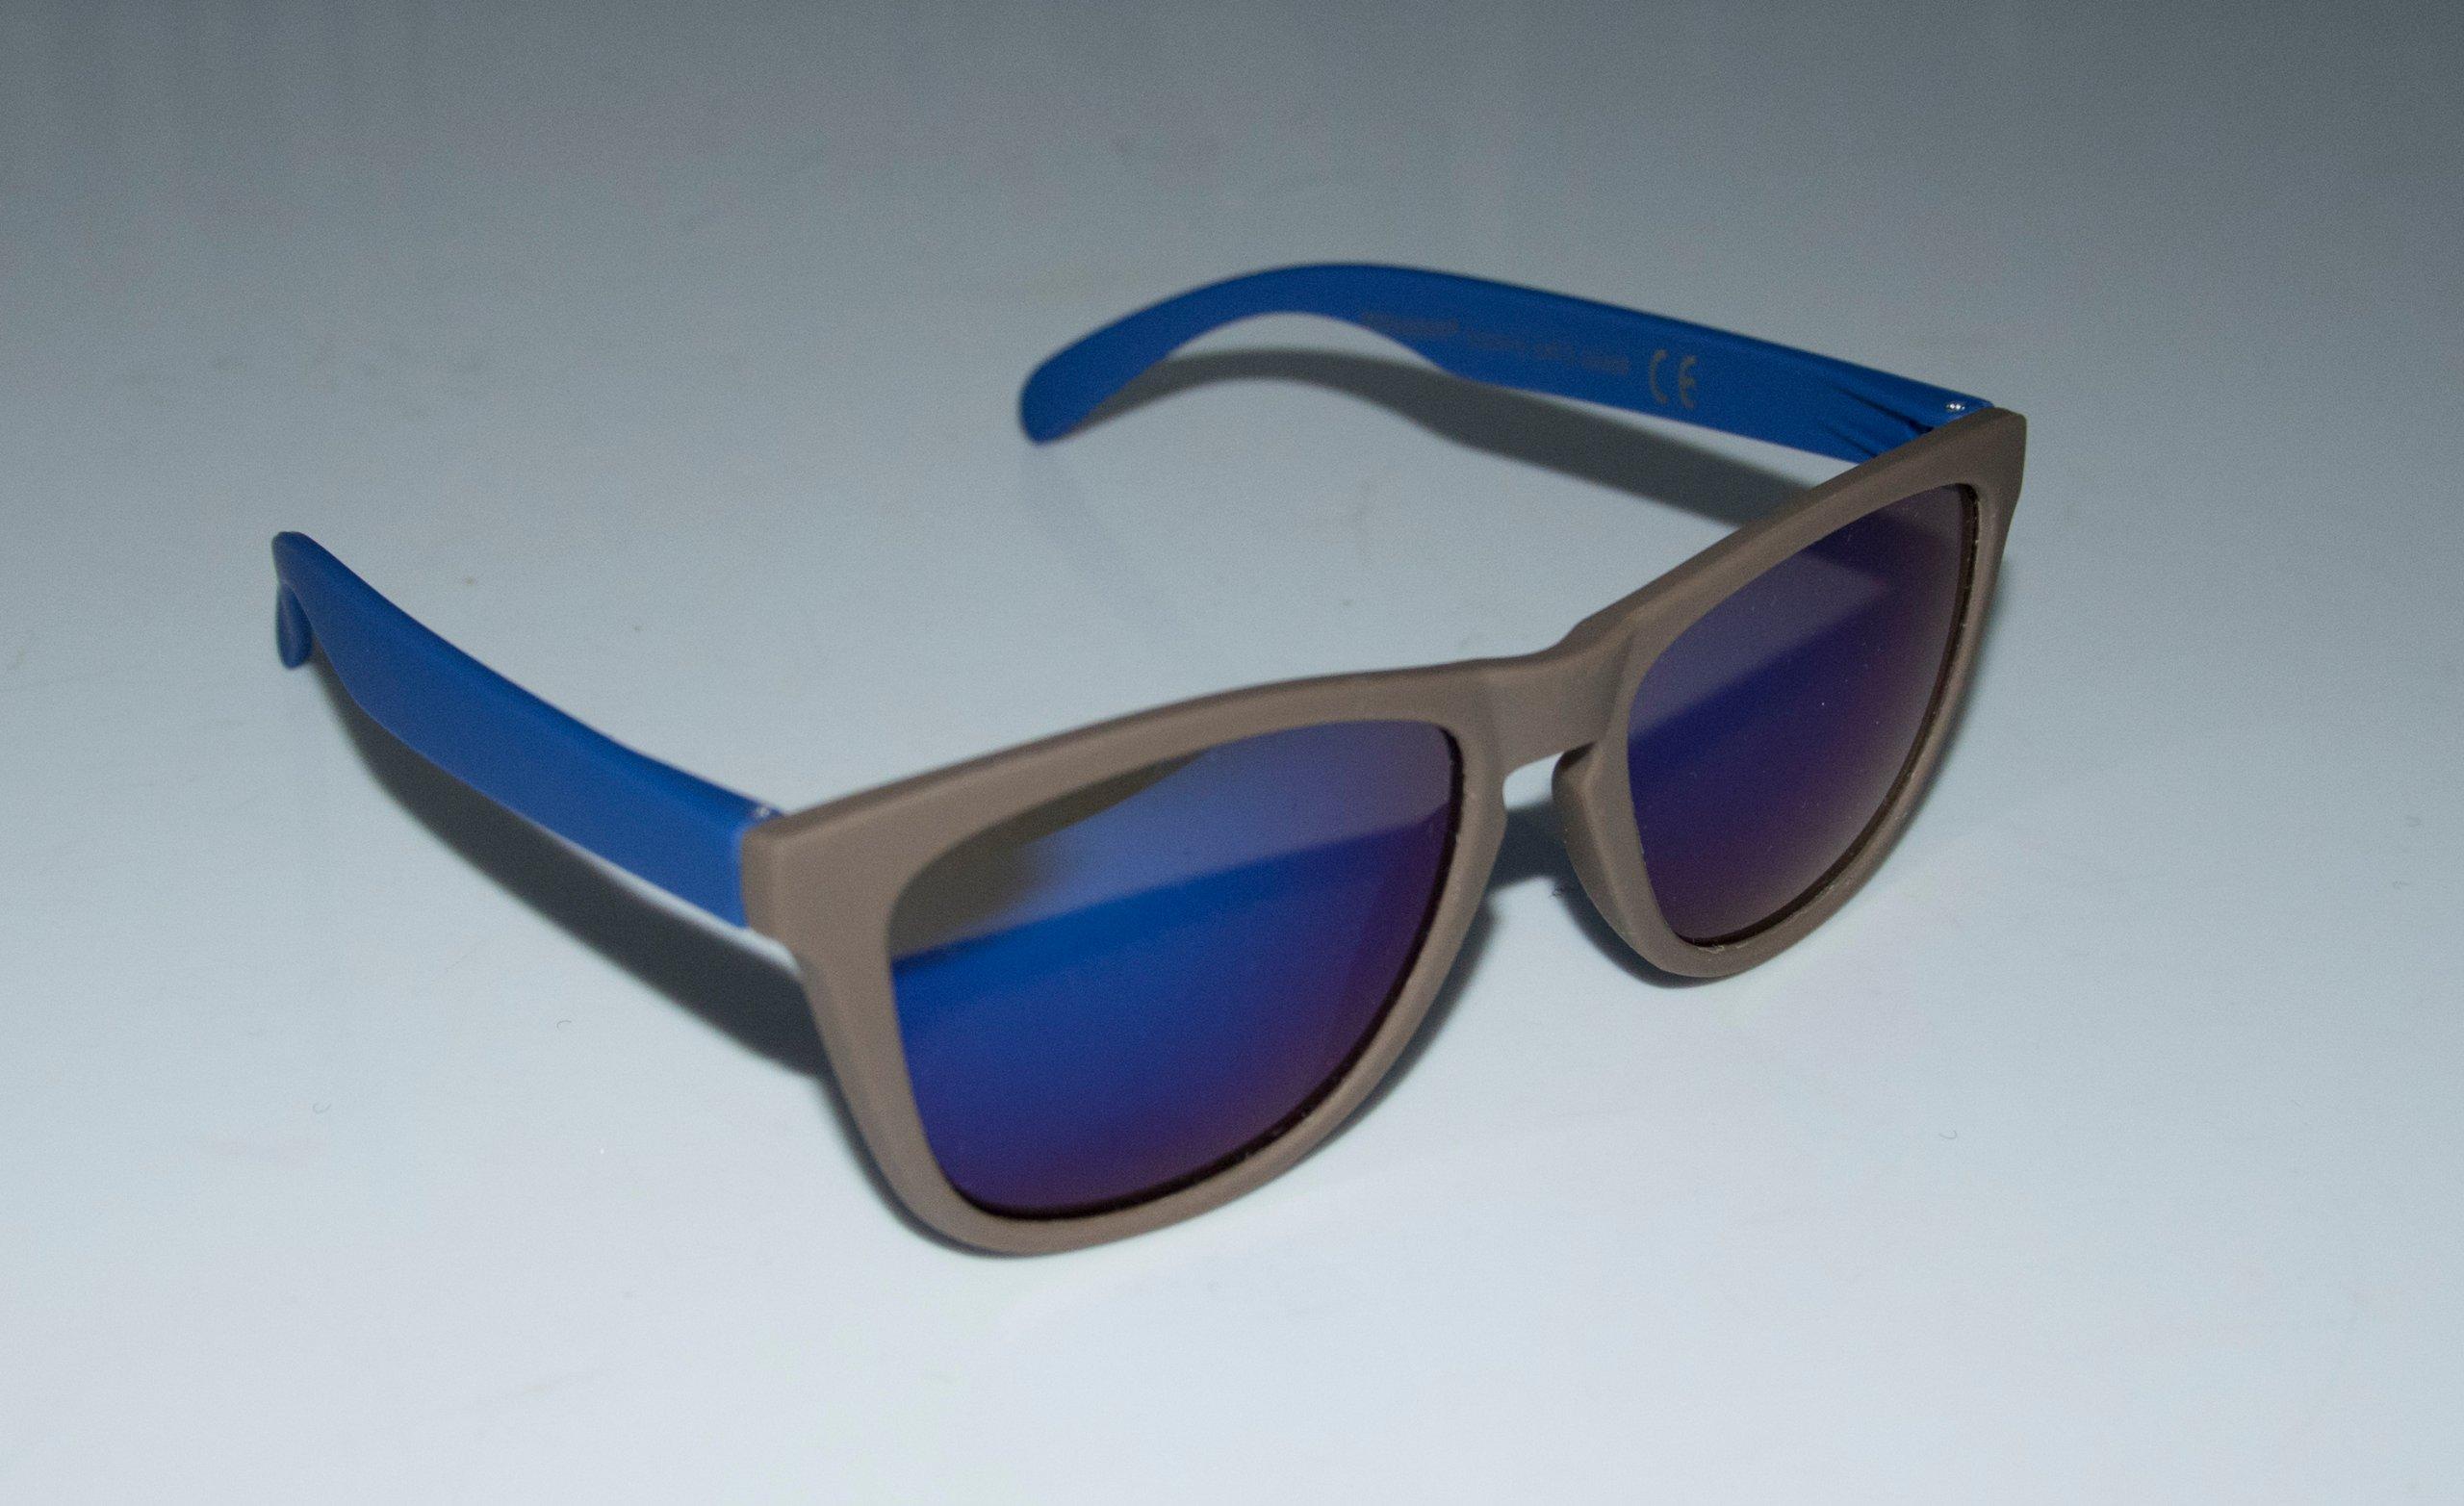 f9e246e9c2afb1 Okulary Przeciwsłoneczne Polaryzacyjne 11 Kolorów - 7309774220 - oficjalne  archiwum allegro